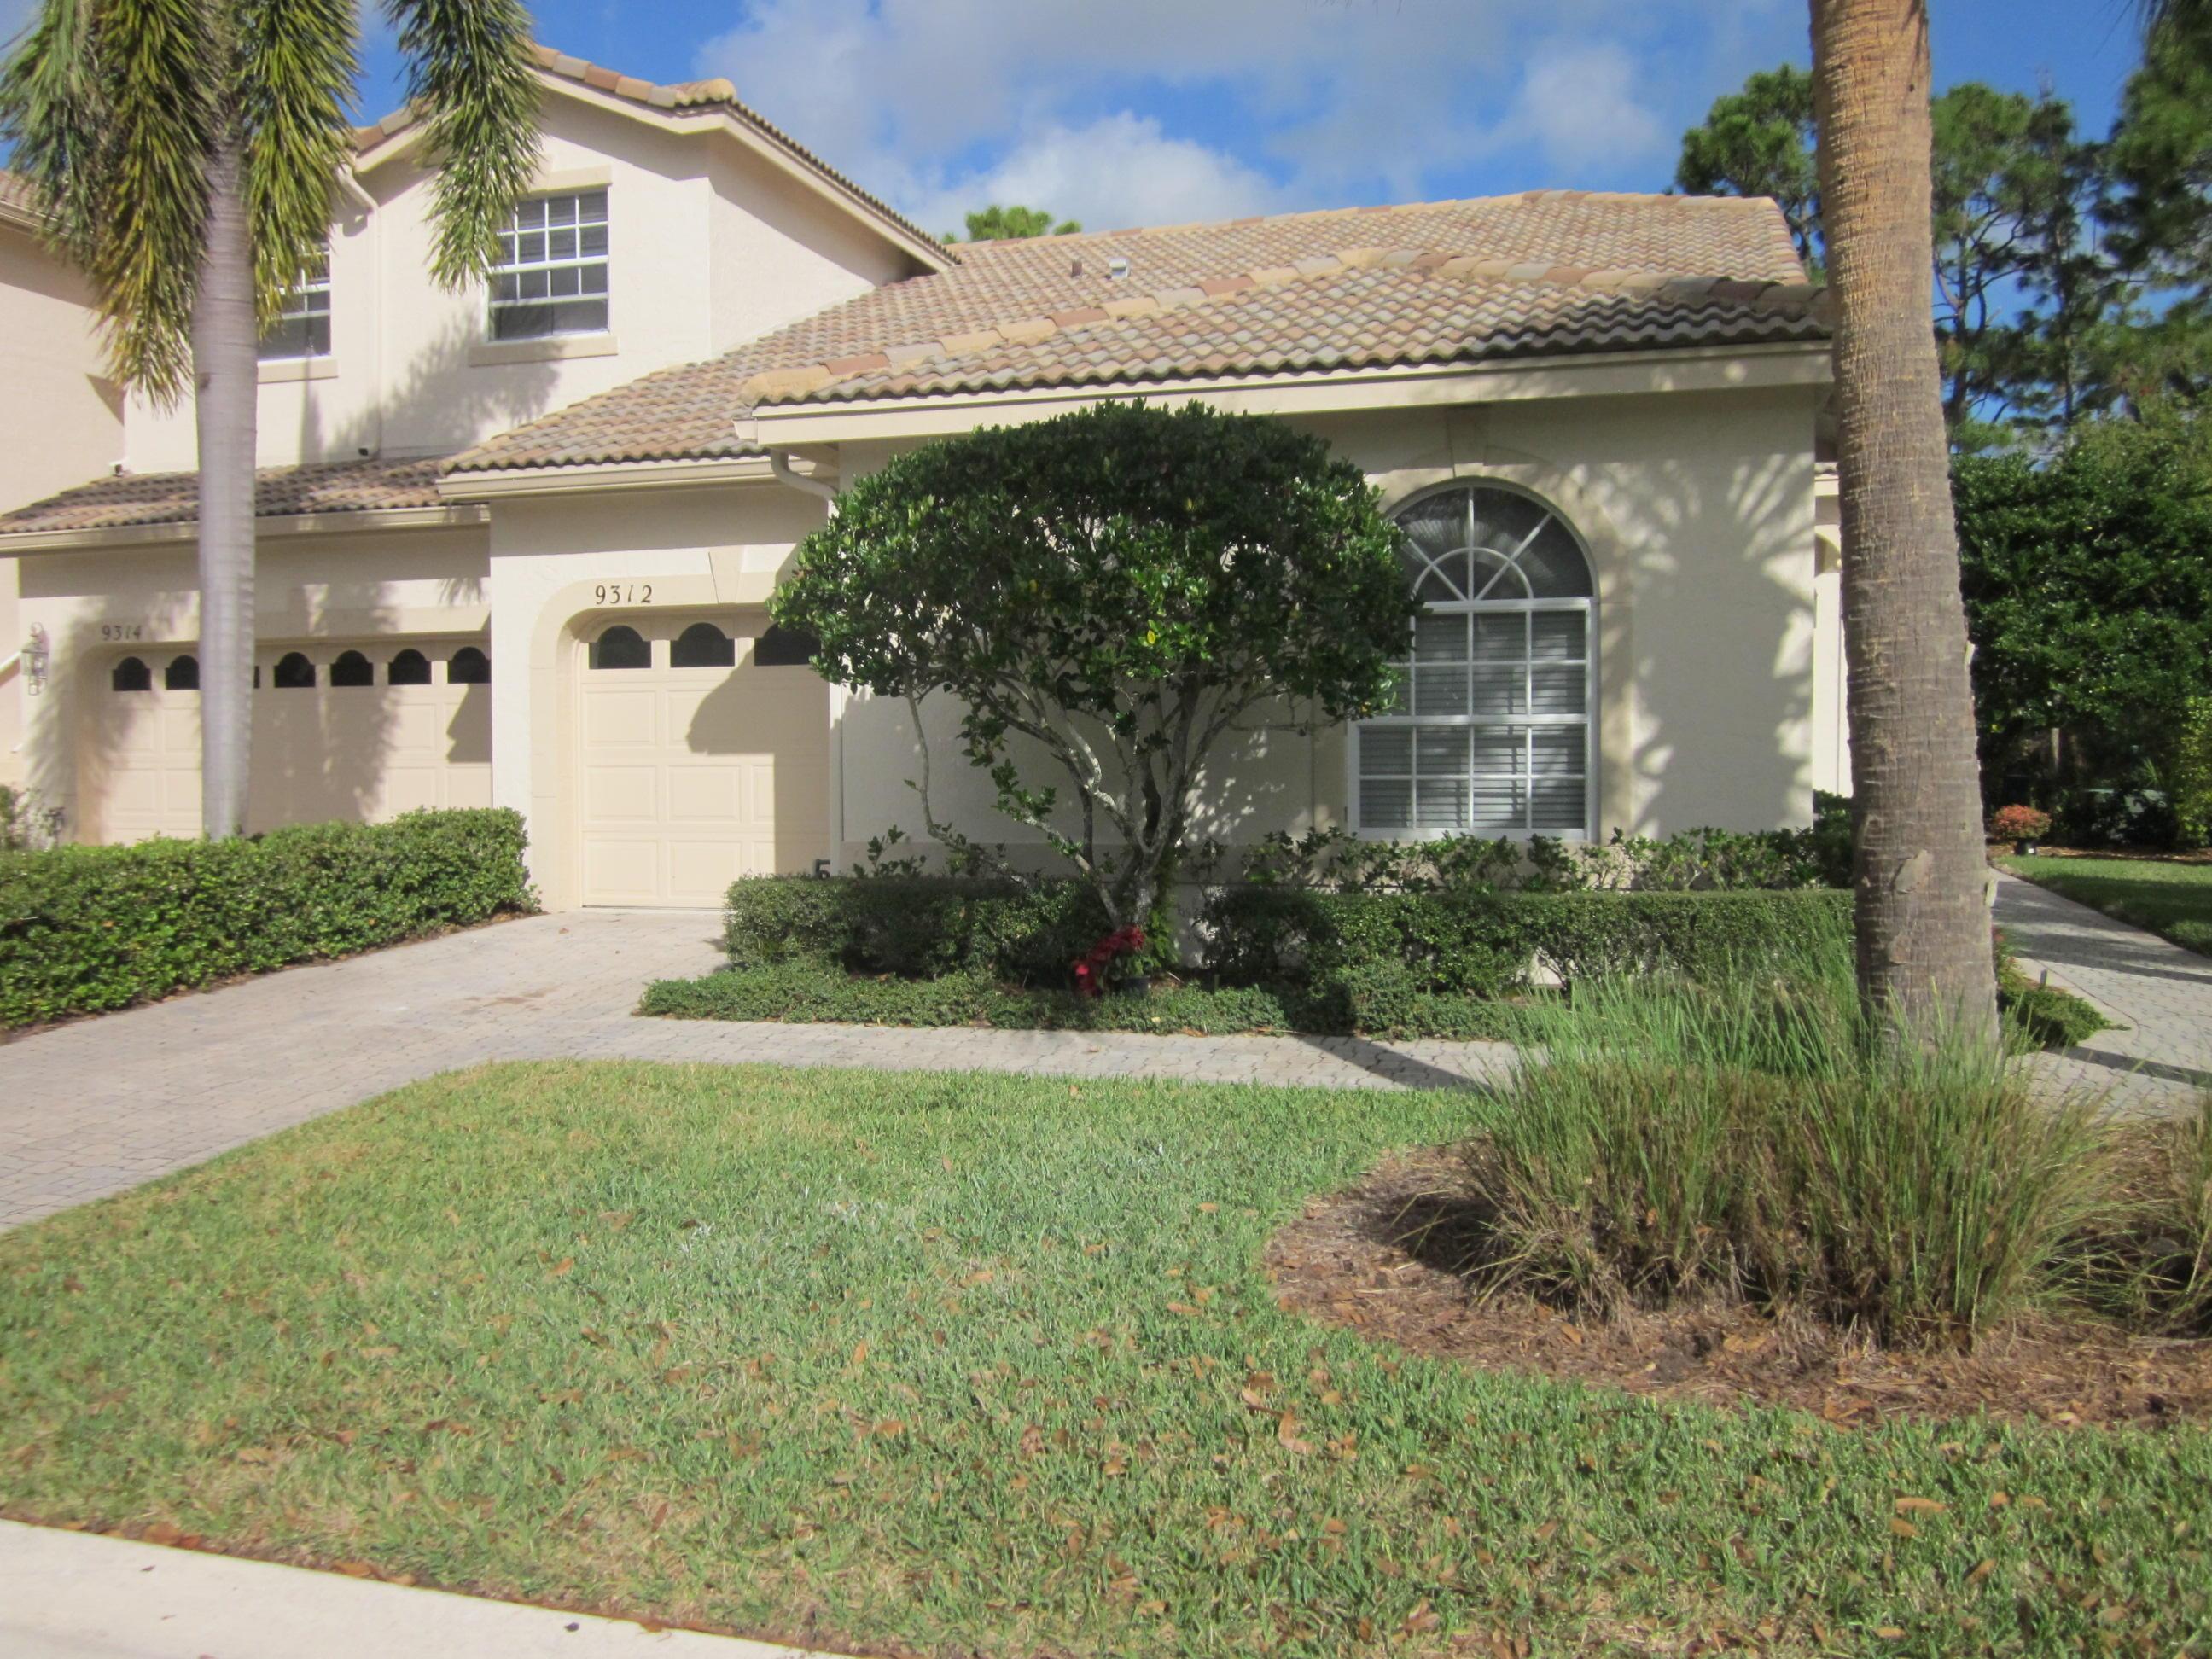 9312 Wentworth Lane, Port Saint Lucie, FL 34986